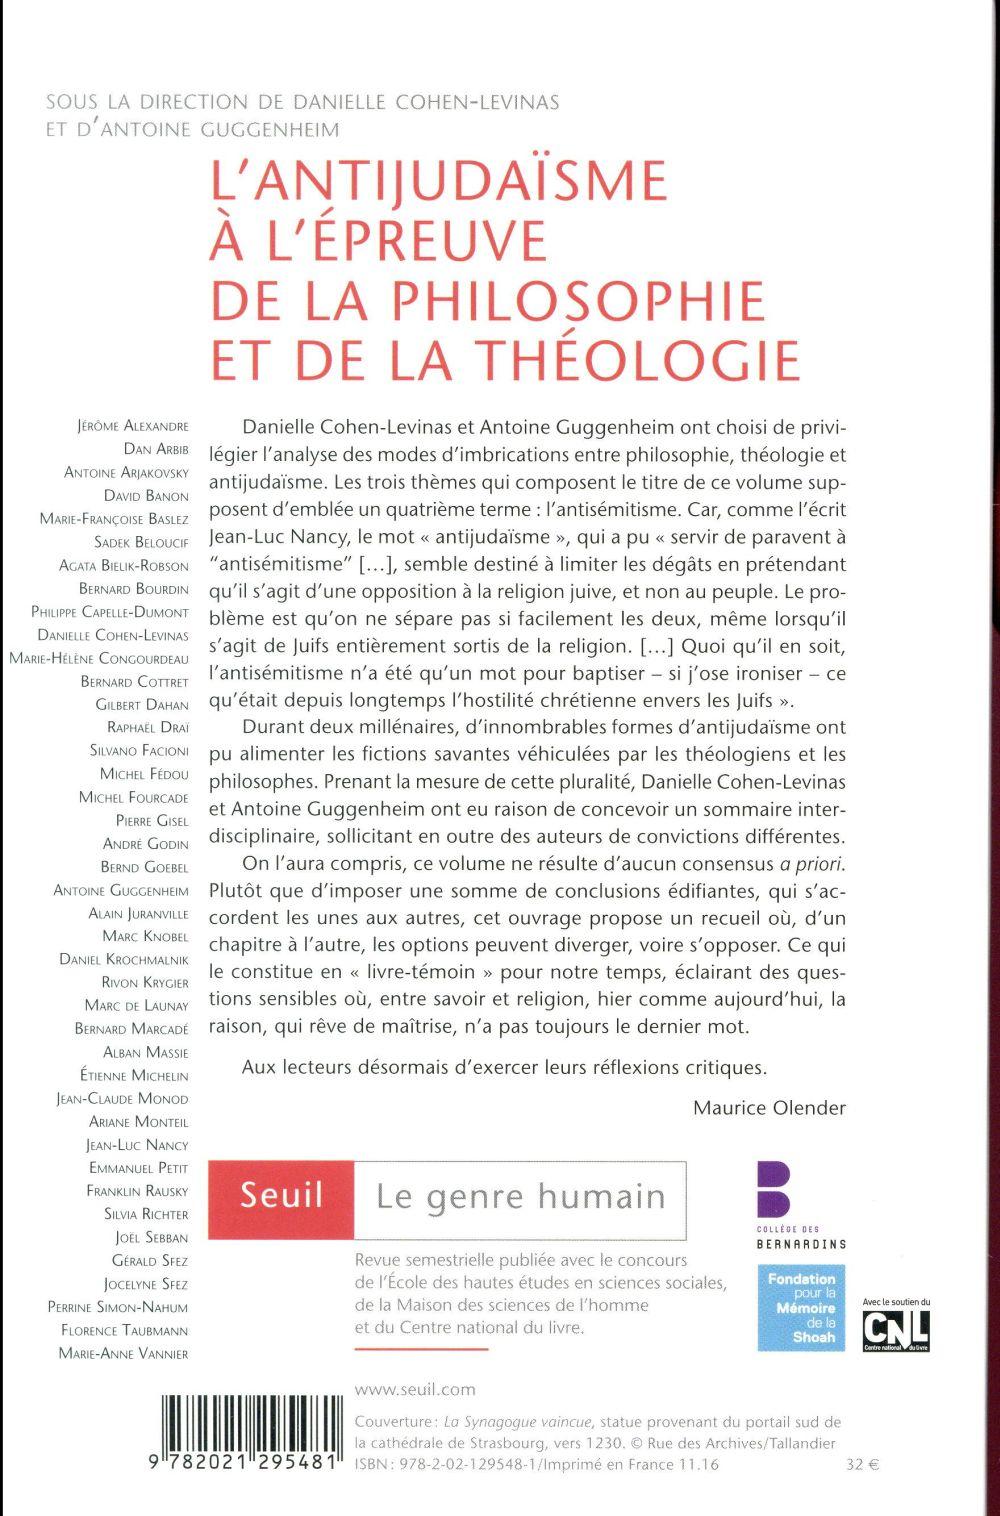 le genre humain n.56/57 ; l'antijudaïsme à l'épreuve de la philosophie et de la théologie